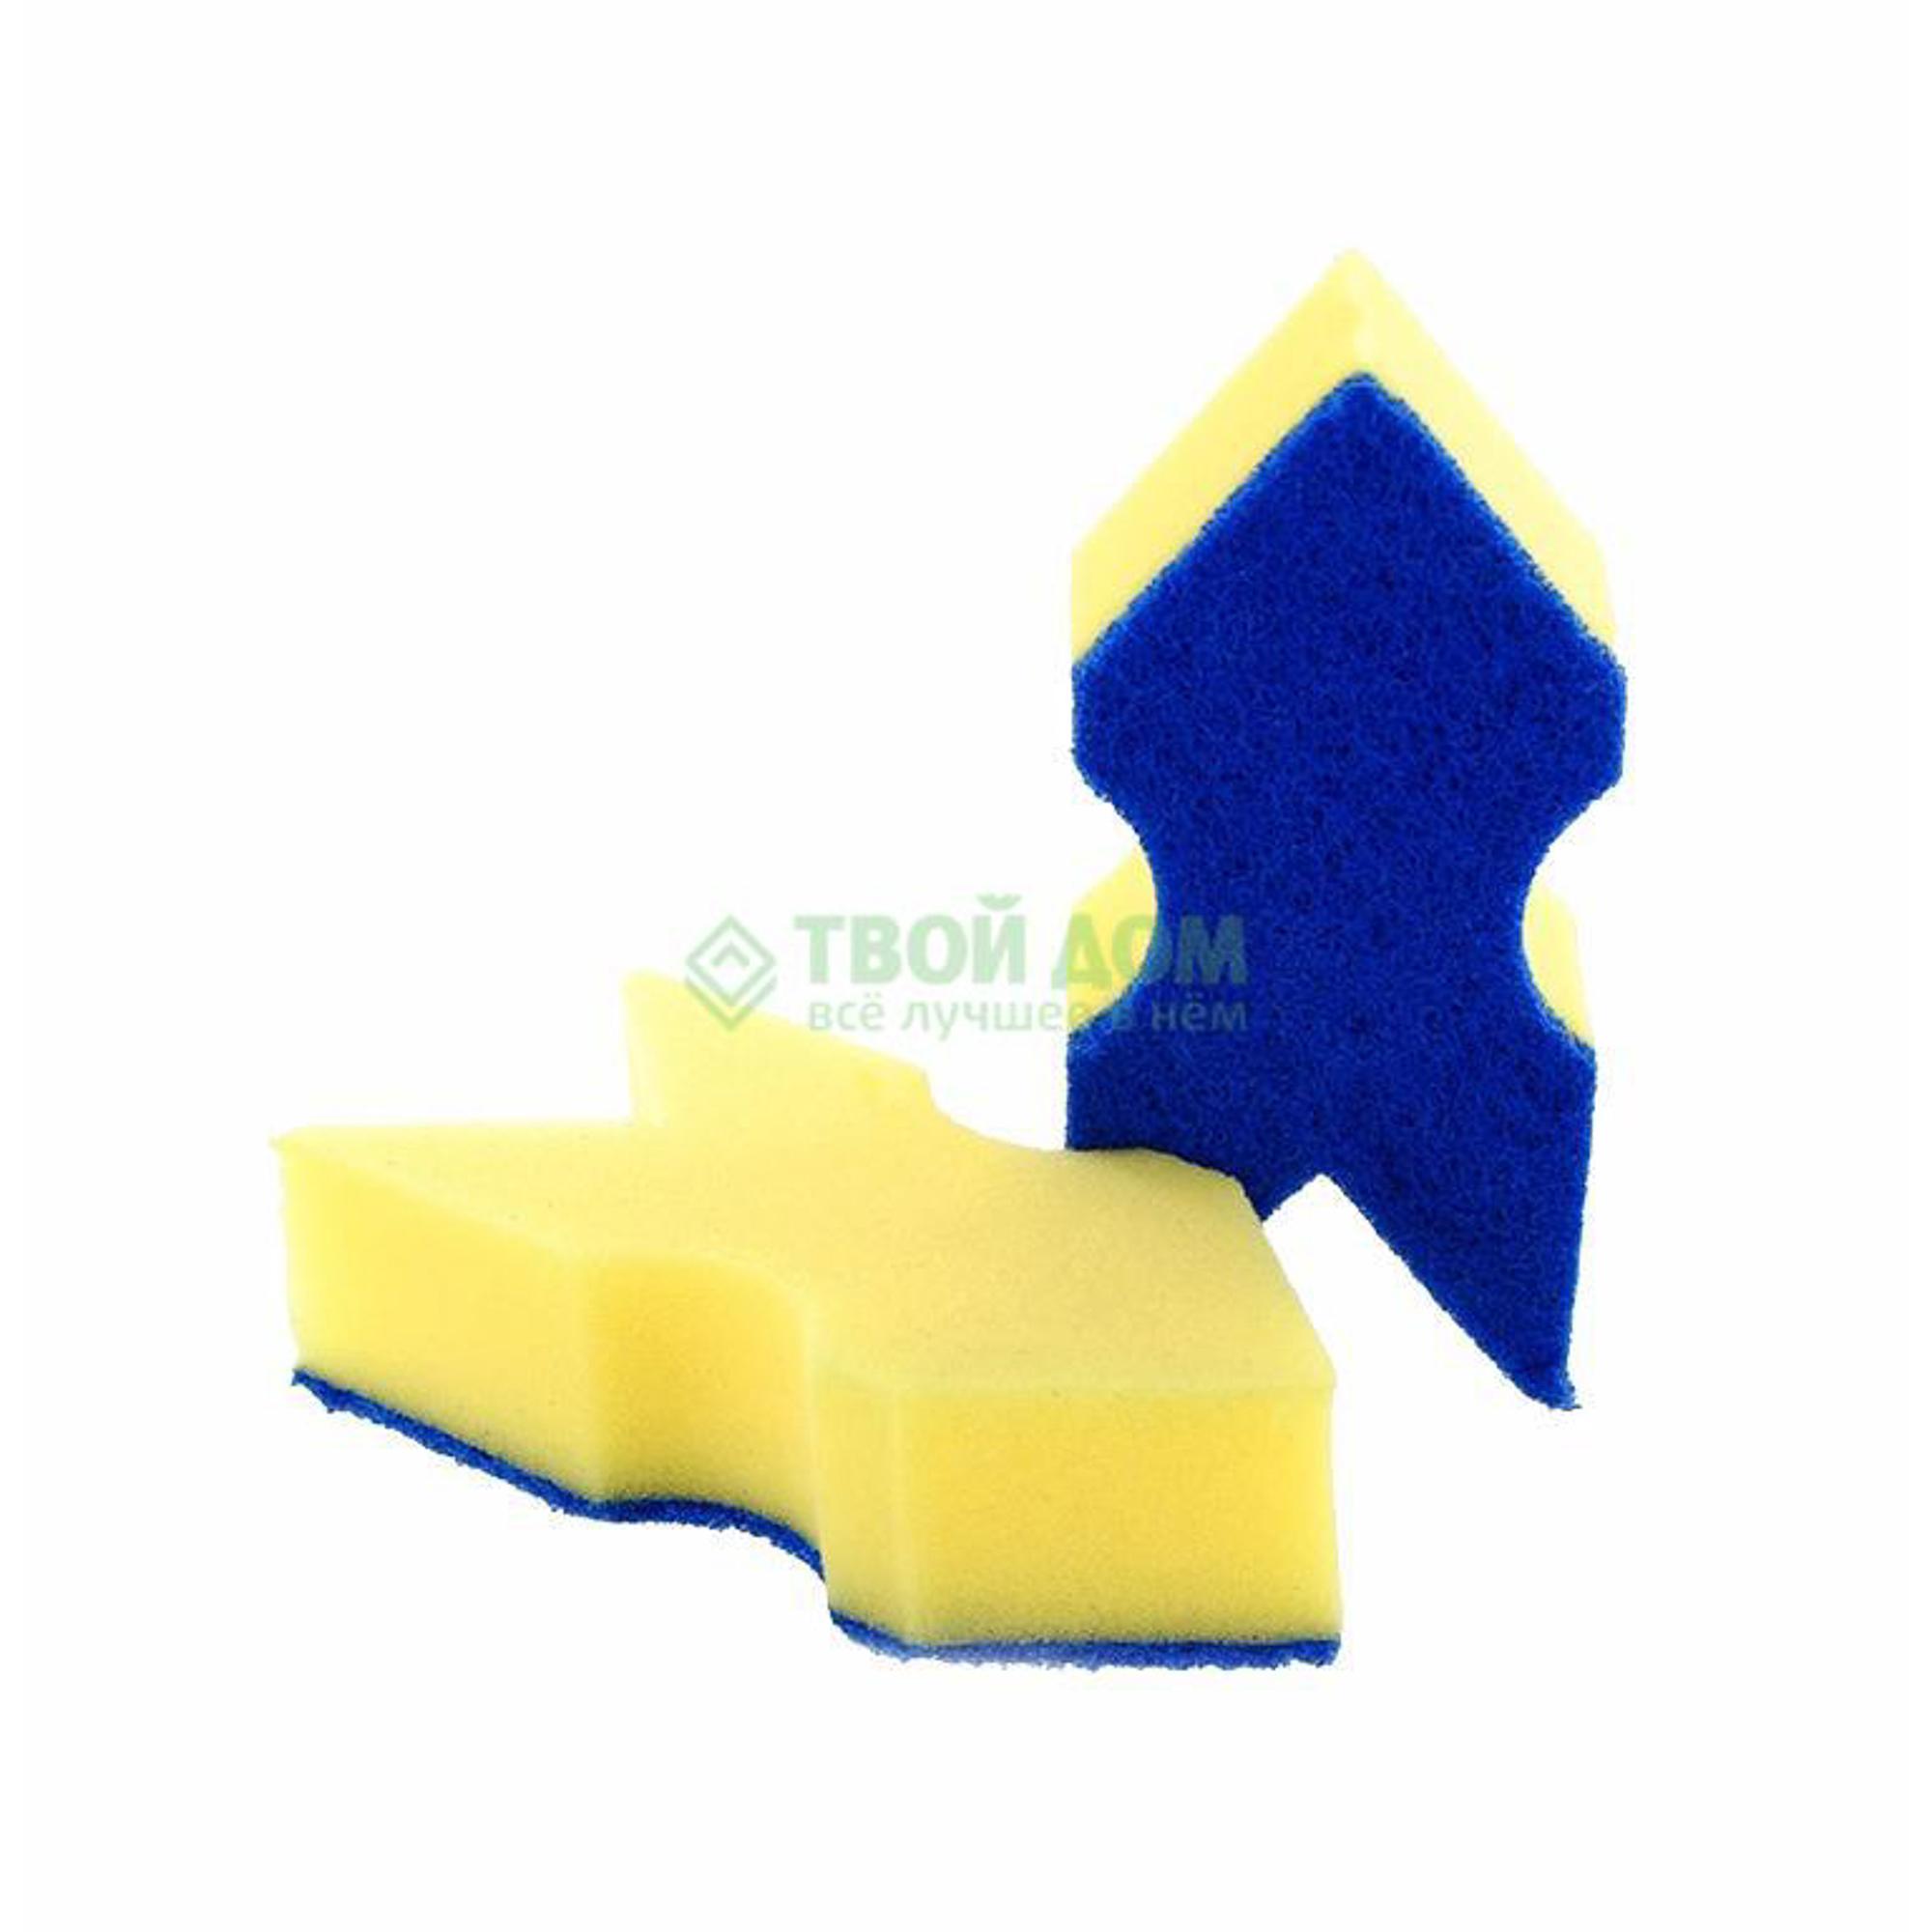 губка aqualine для мытья автомобиля Губка для посуды Aqualine 1052